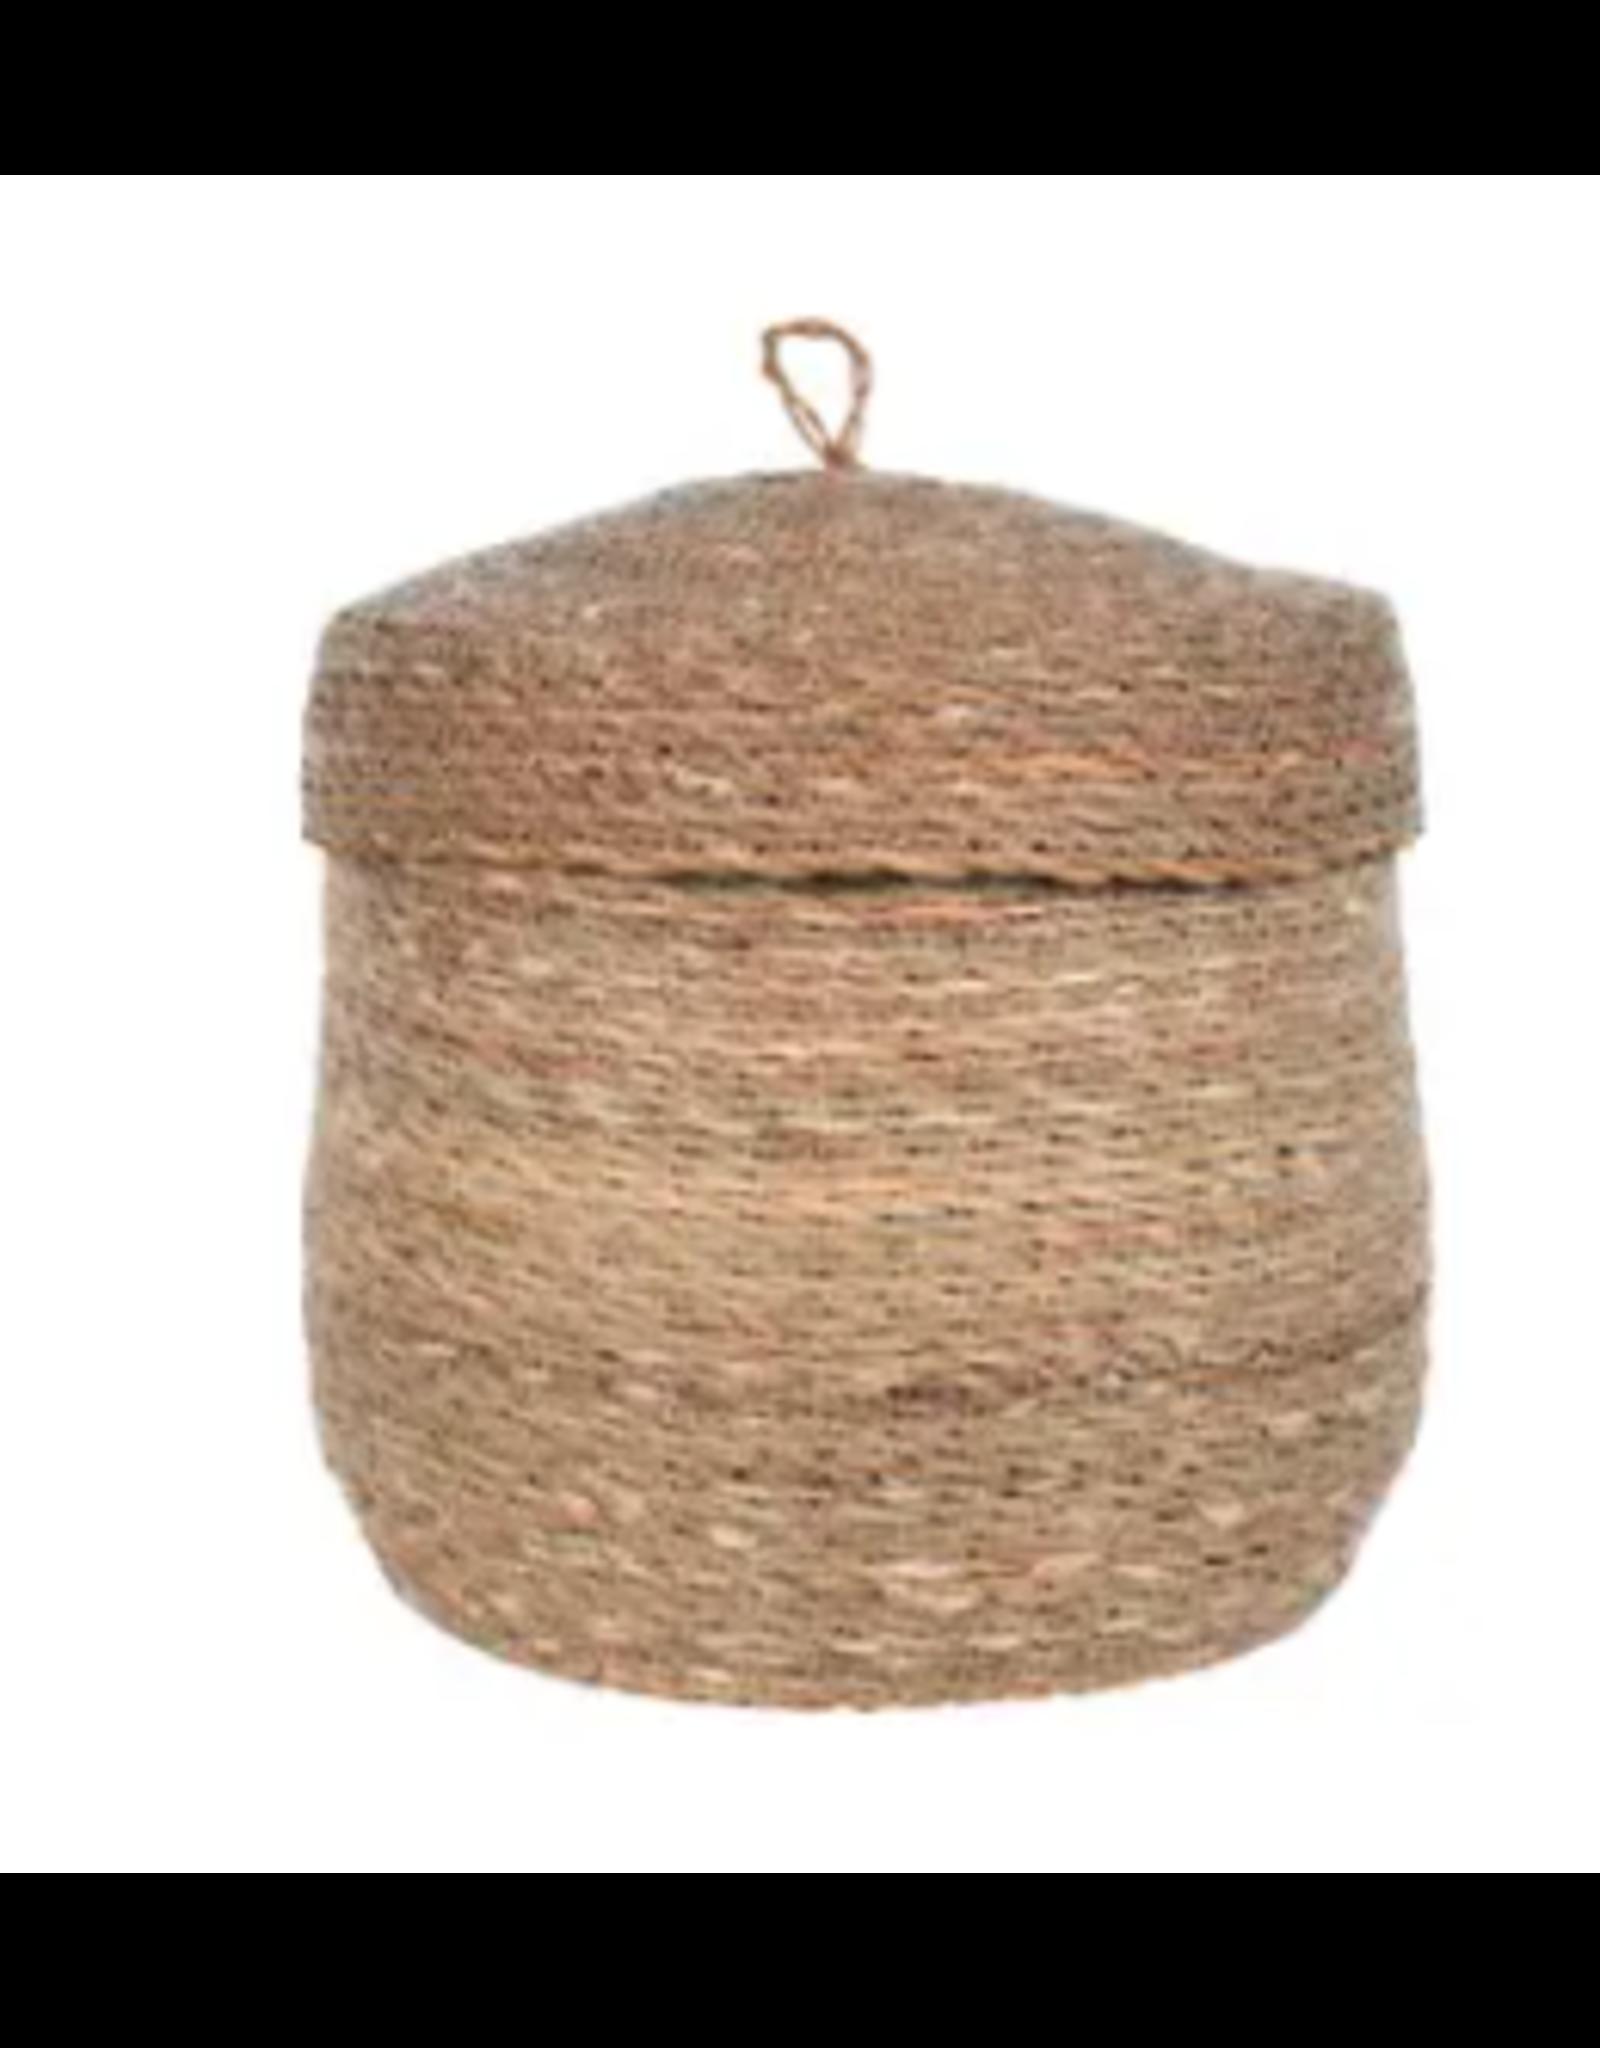 Woven Basket with Lid, Bangladesh